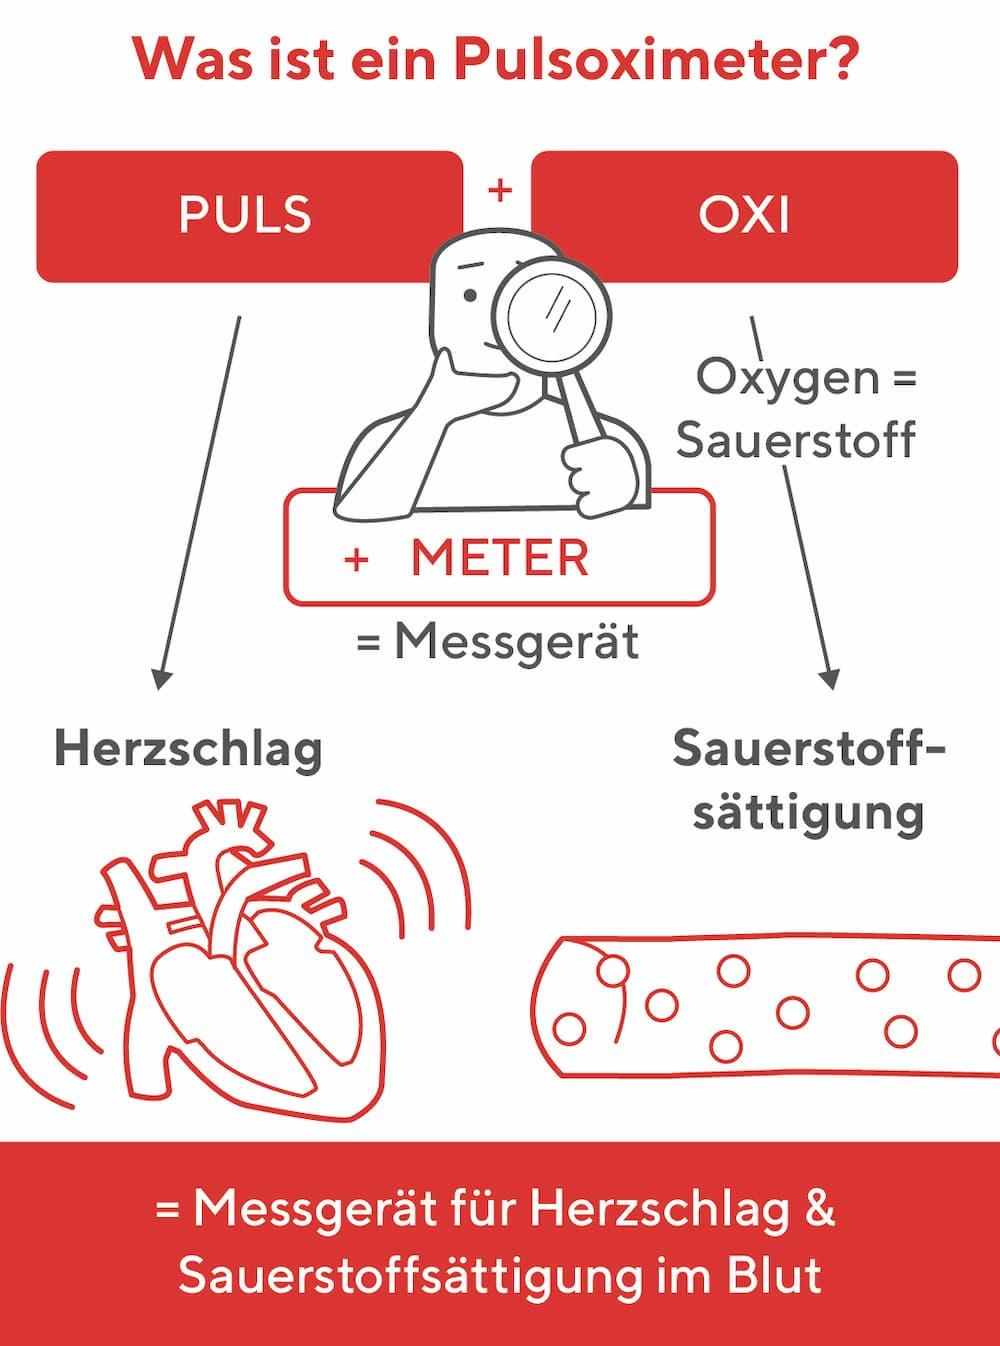 Was ist ein Pulsoximeter?